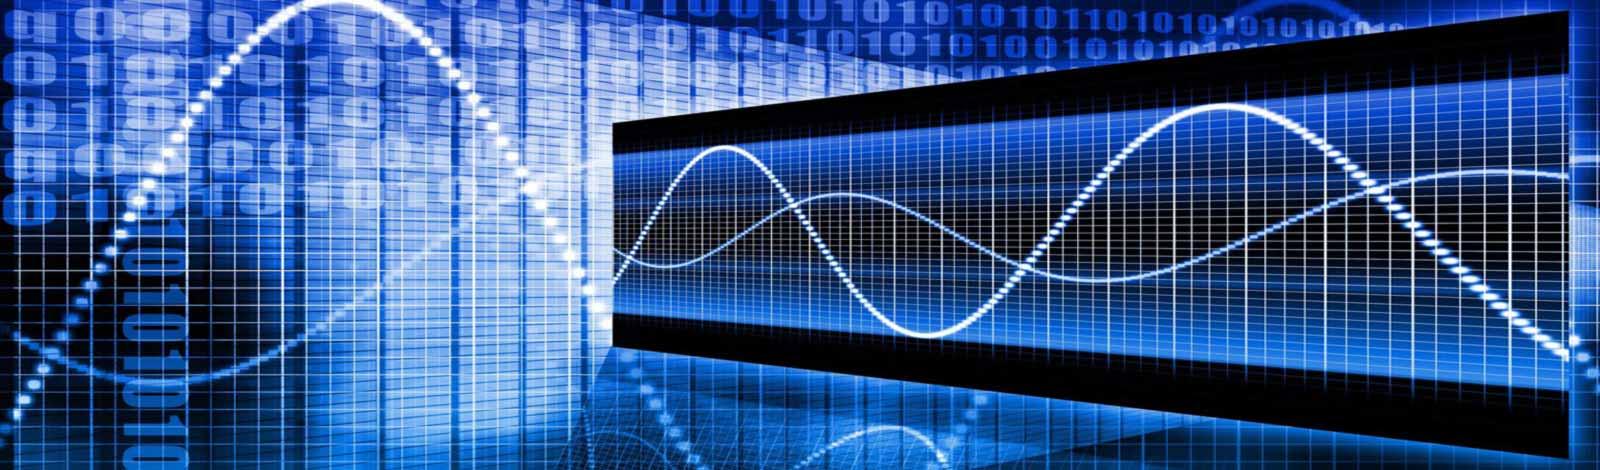 Installation & Protection système de votre réseau par Thierry.